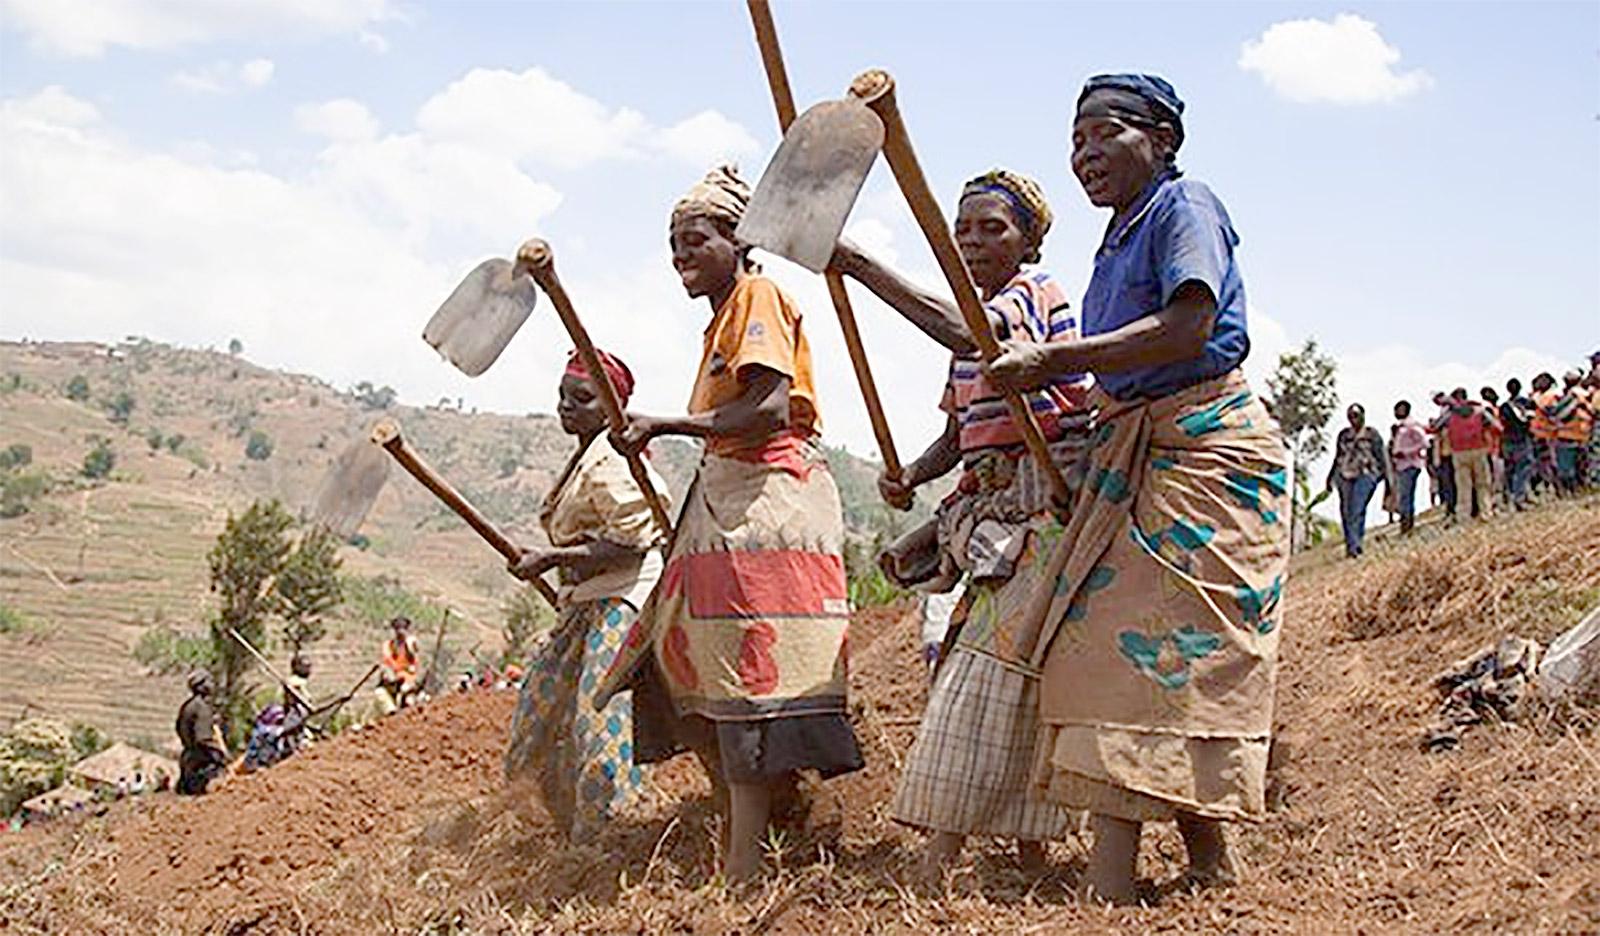 النساء يقمن بإعداد المصاطب والأرائك في مزرعة في رواندا